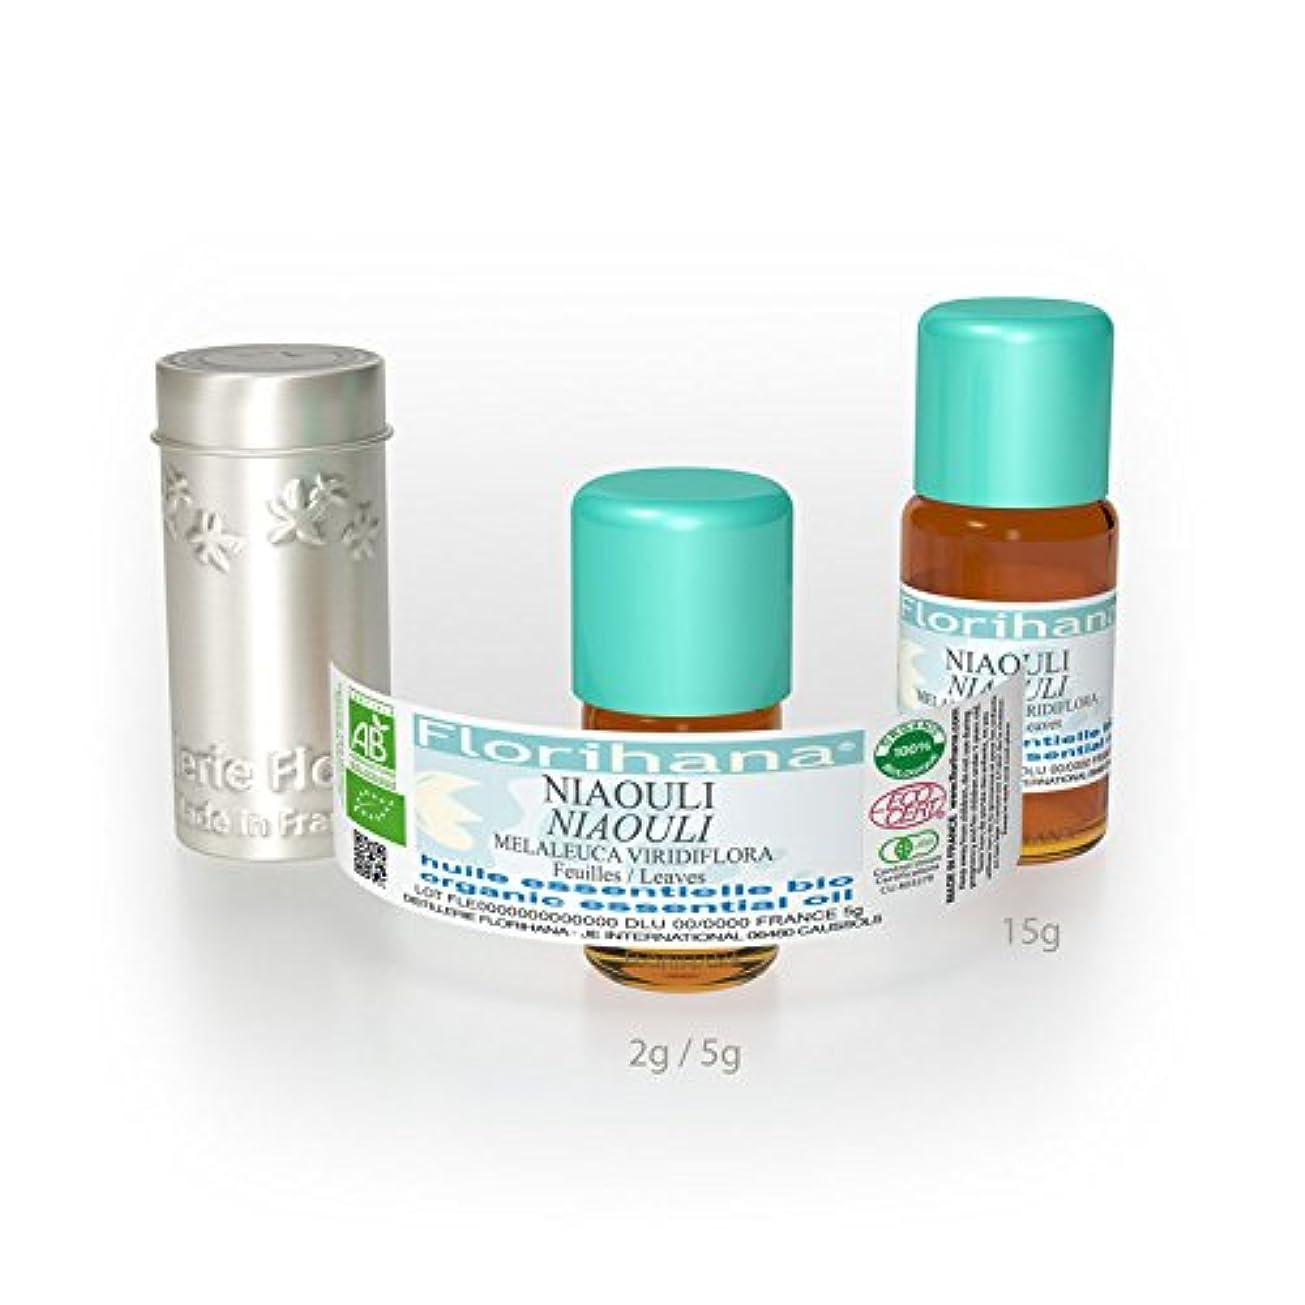 リダクター本部危険を冒しますオーガニック エッセンシャルオイル ニアウリ 5g(5.5ml)